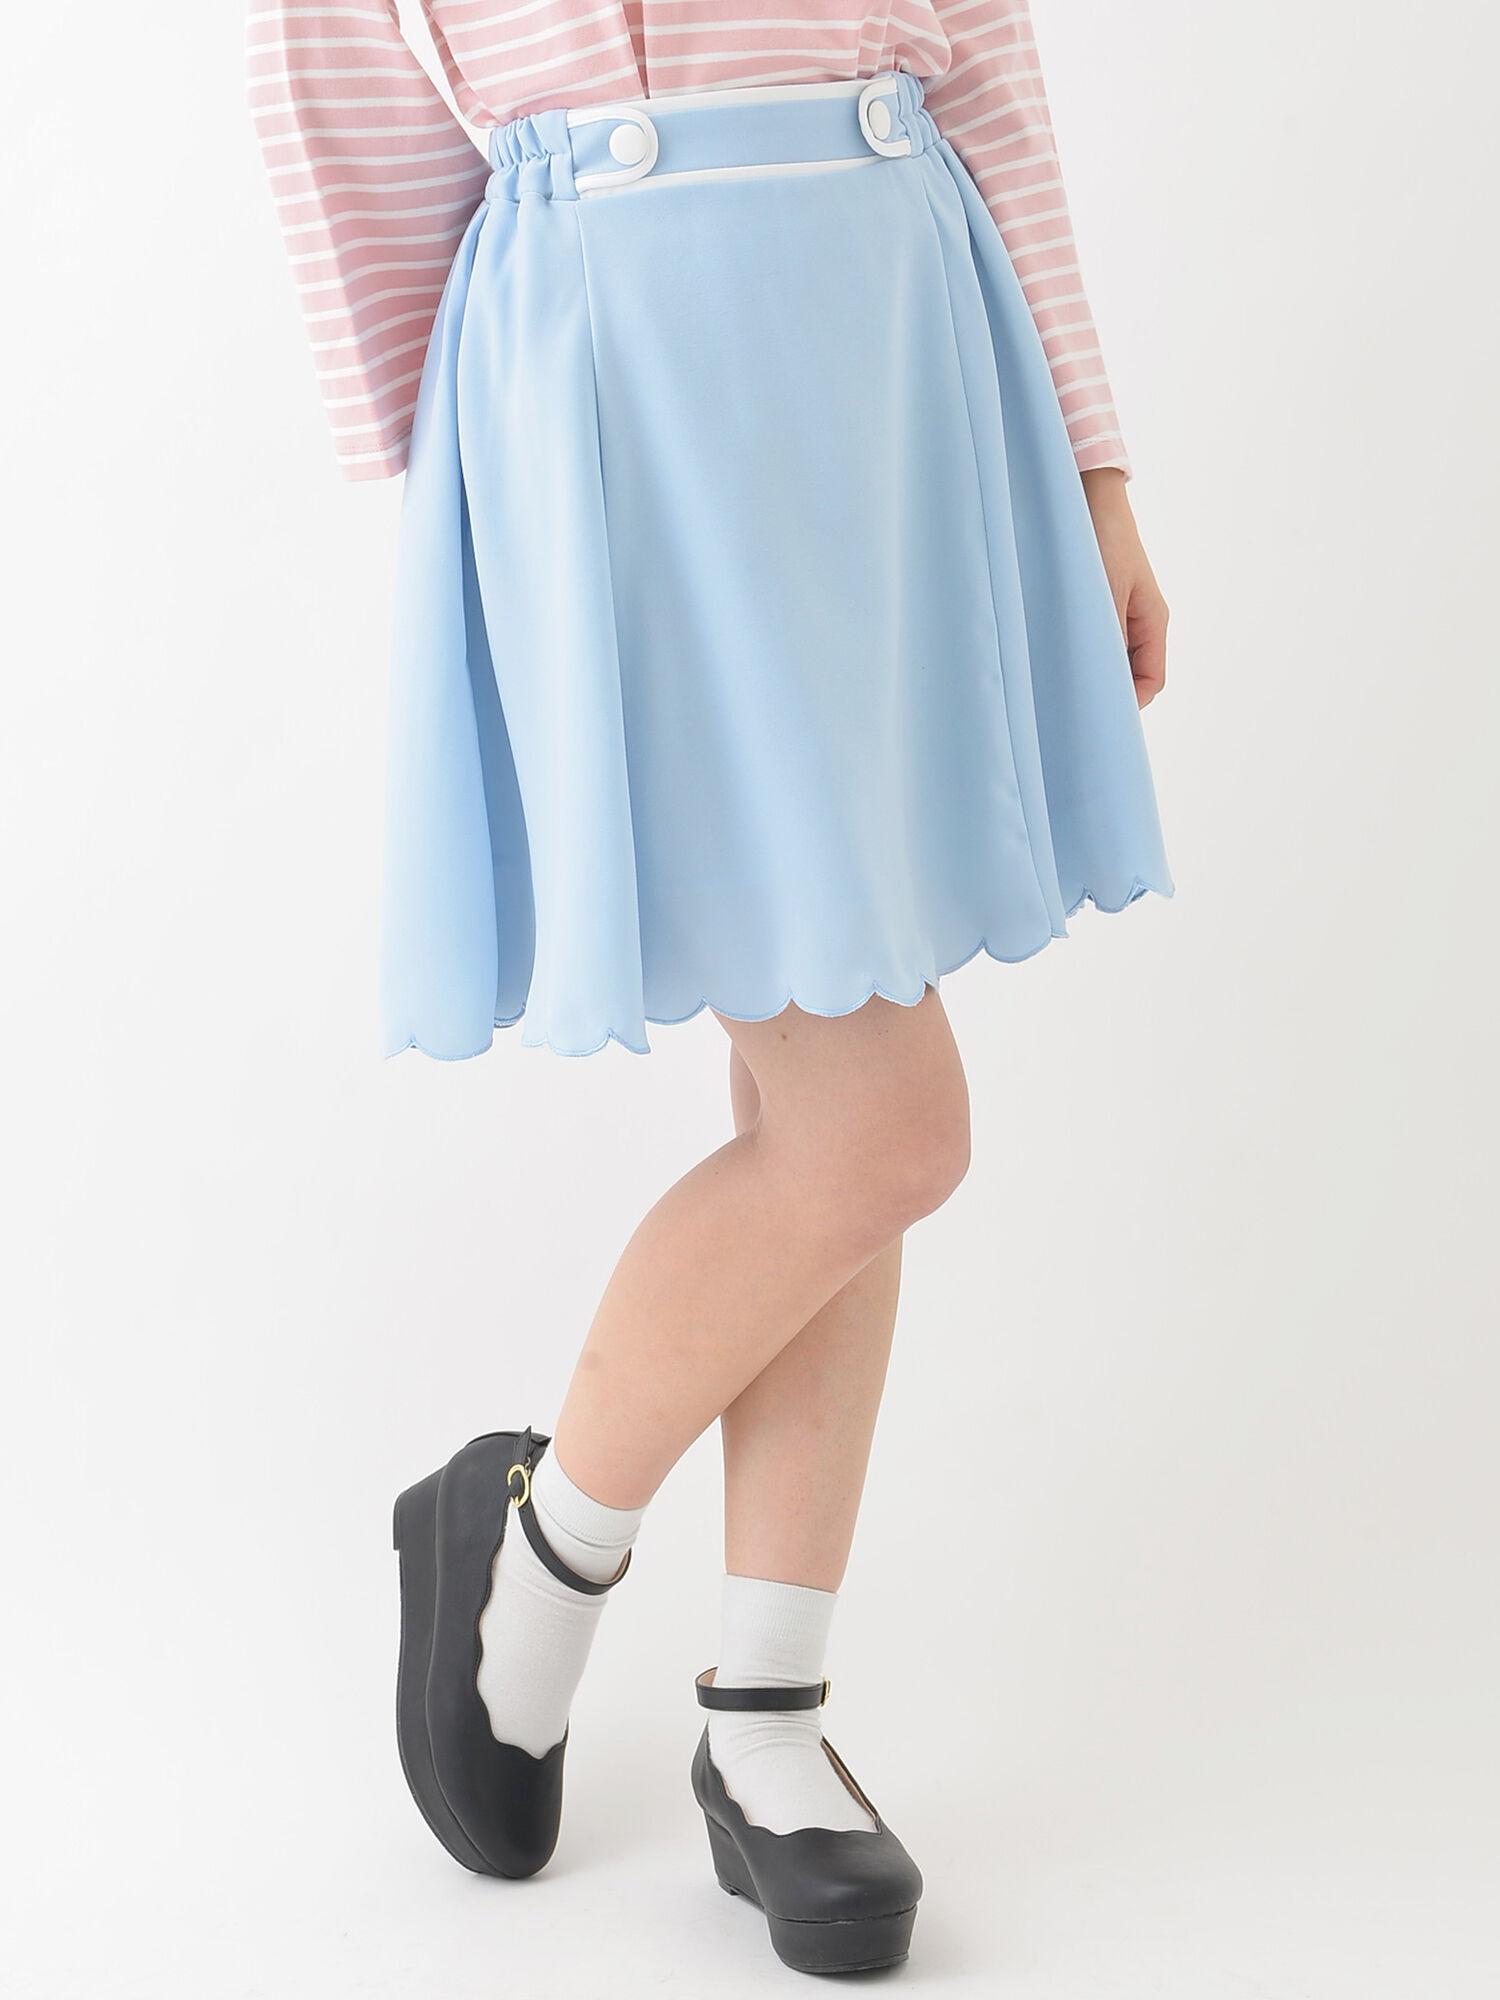 ★【Rune】パイピングスカート